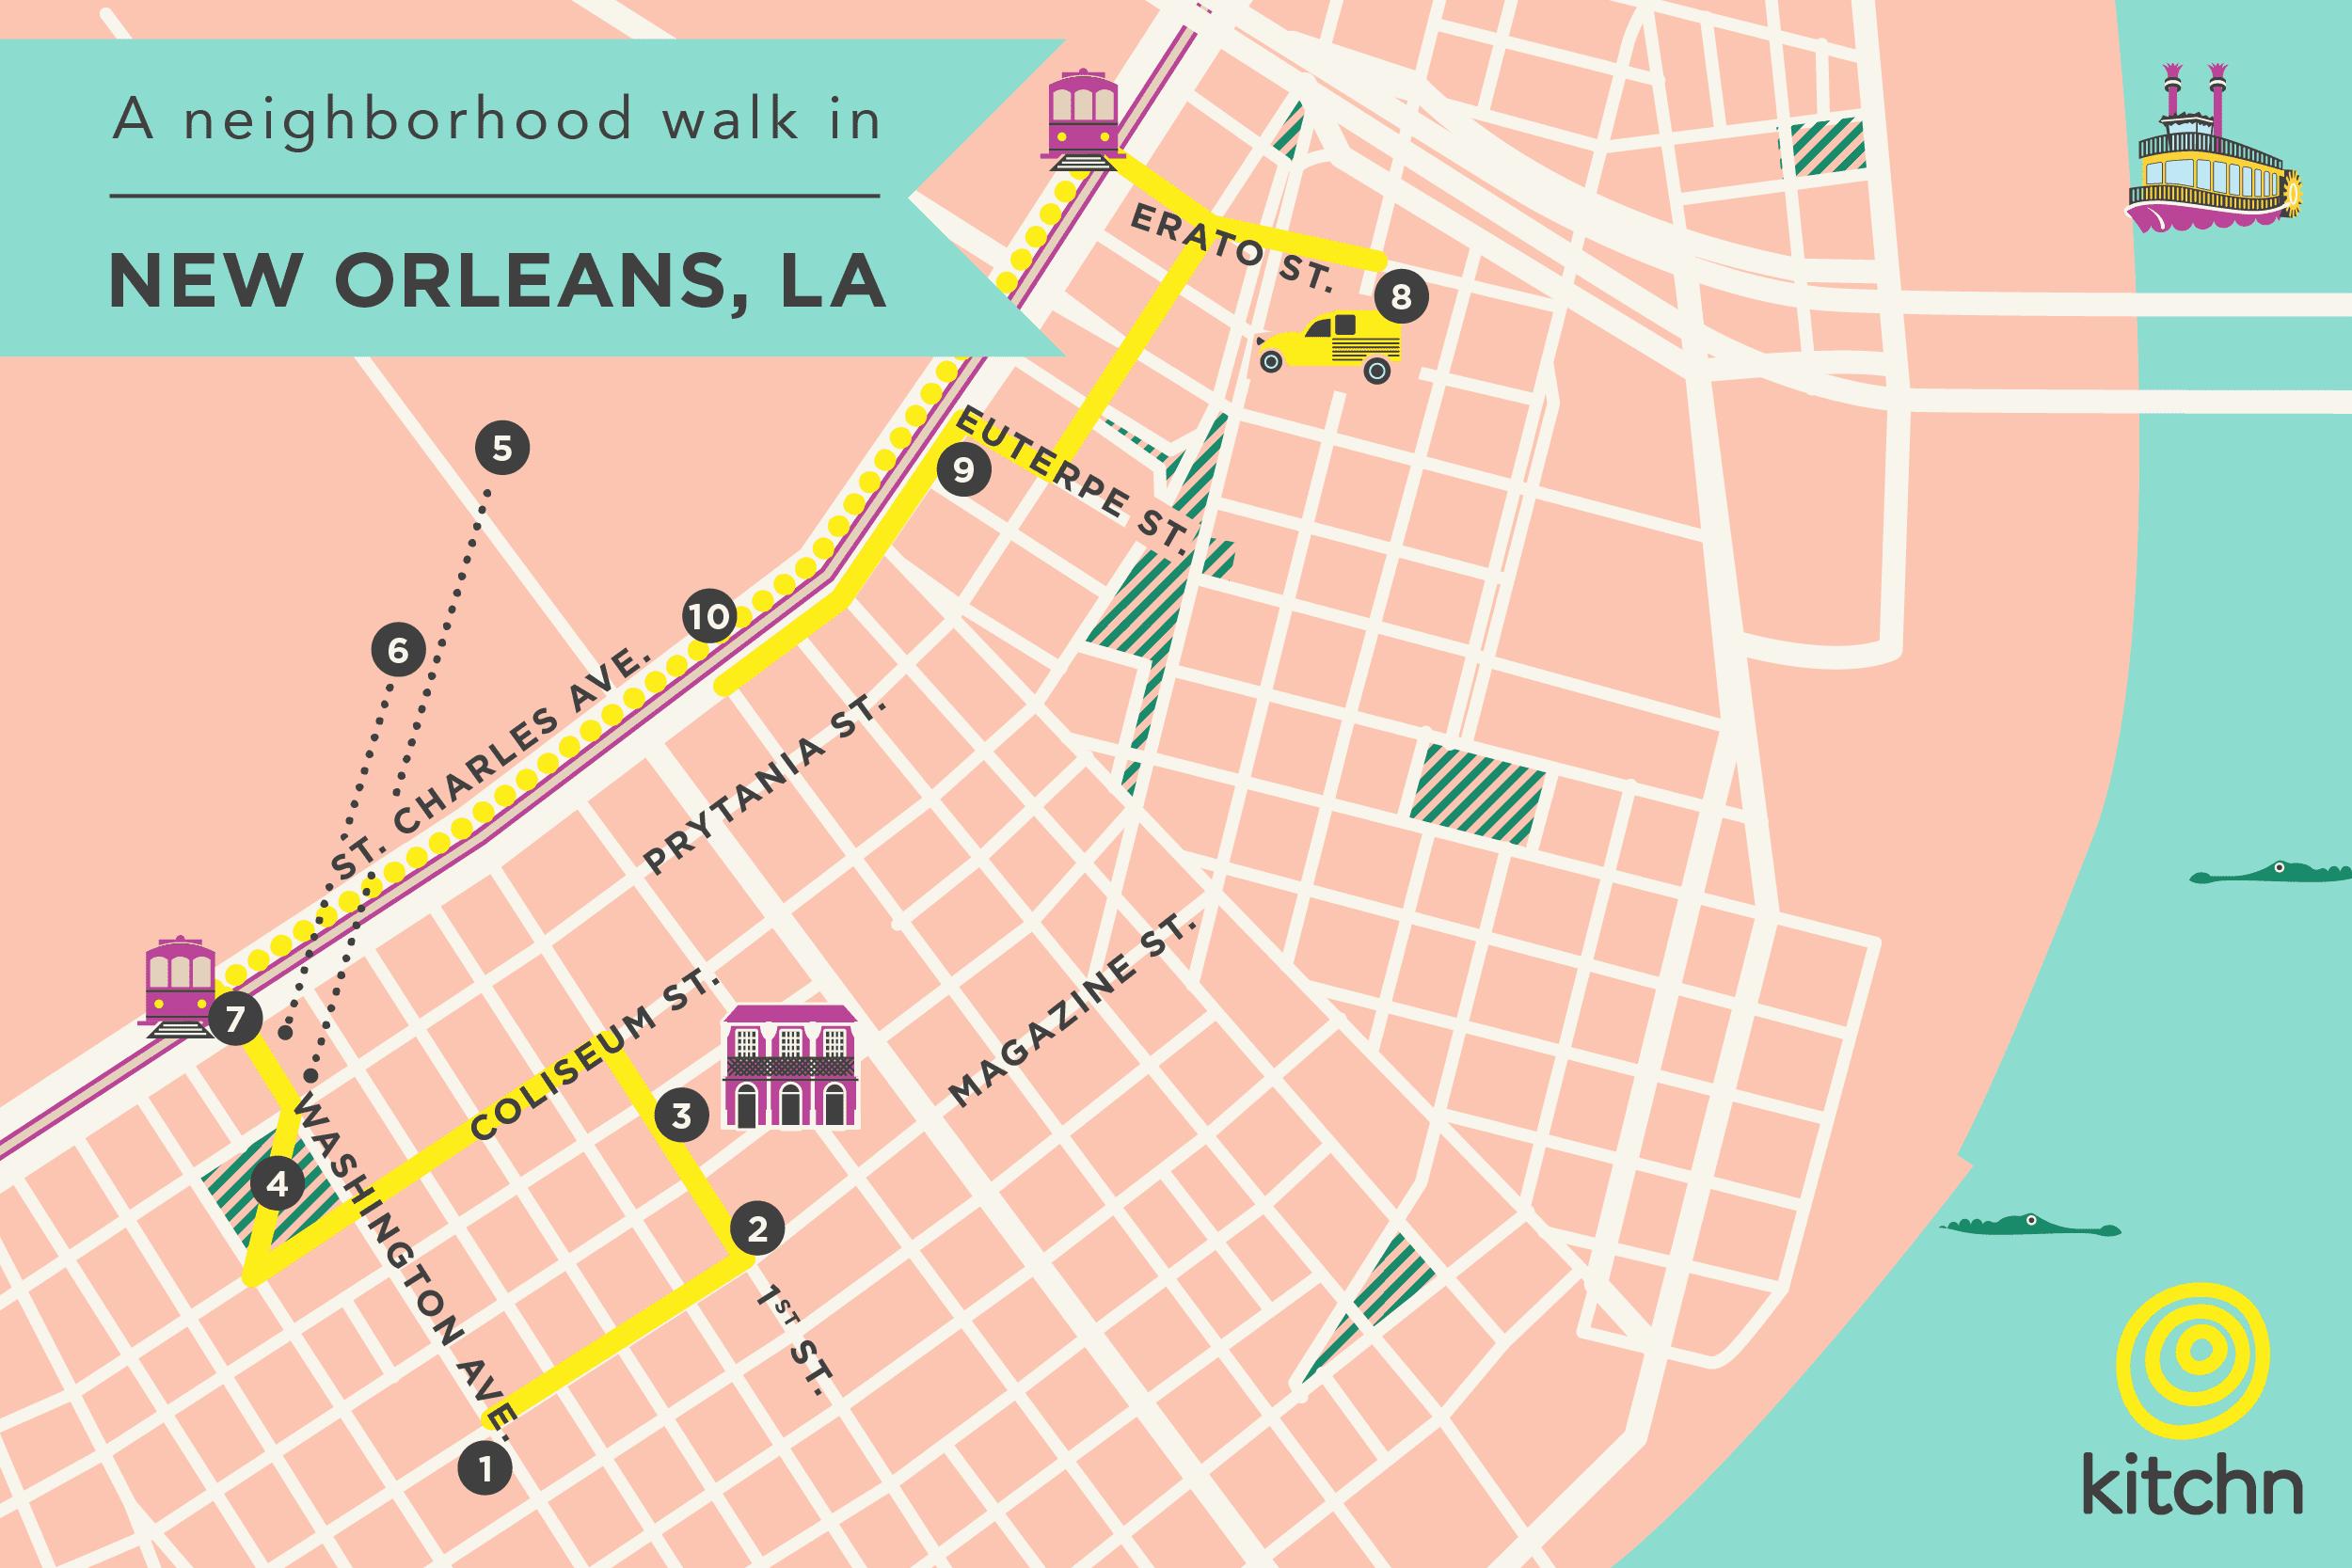 map garden district new orleans A Neighborhood Walk In New Orleans The Garden District Kitchn map garden district new orleans